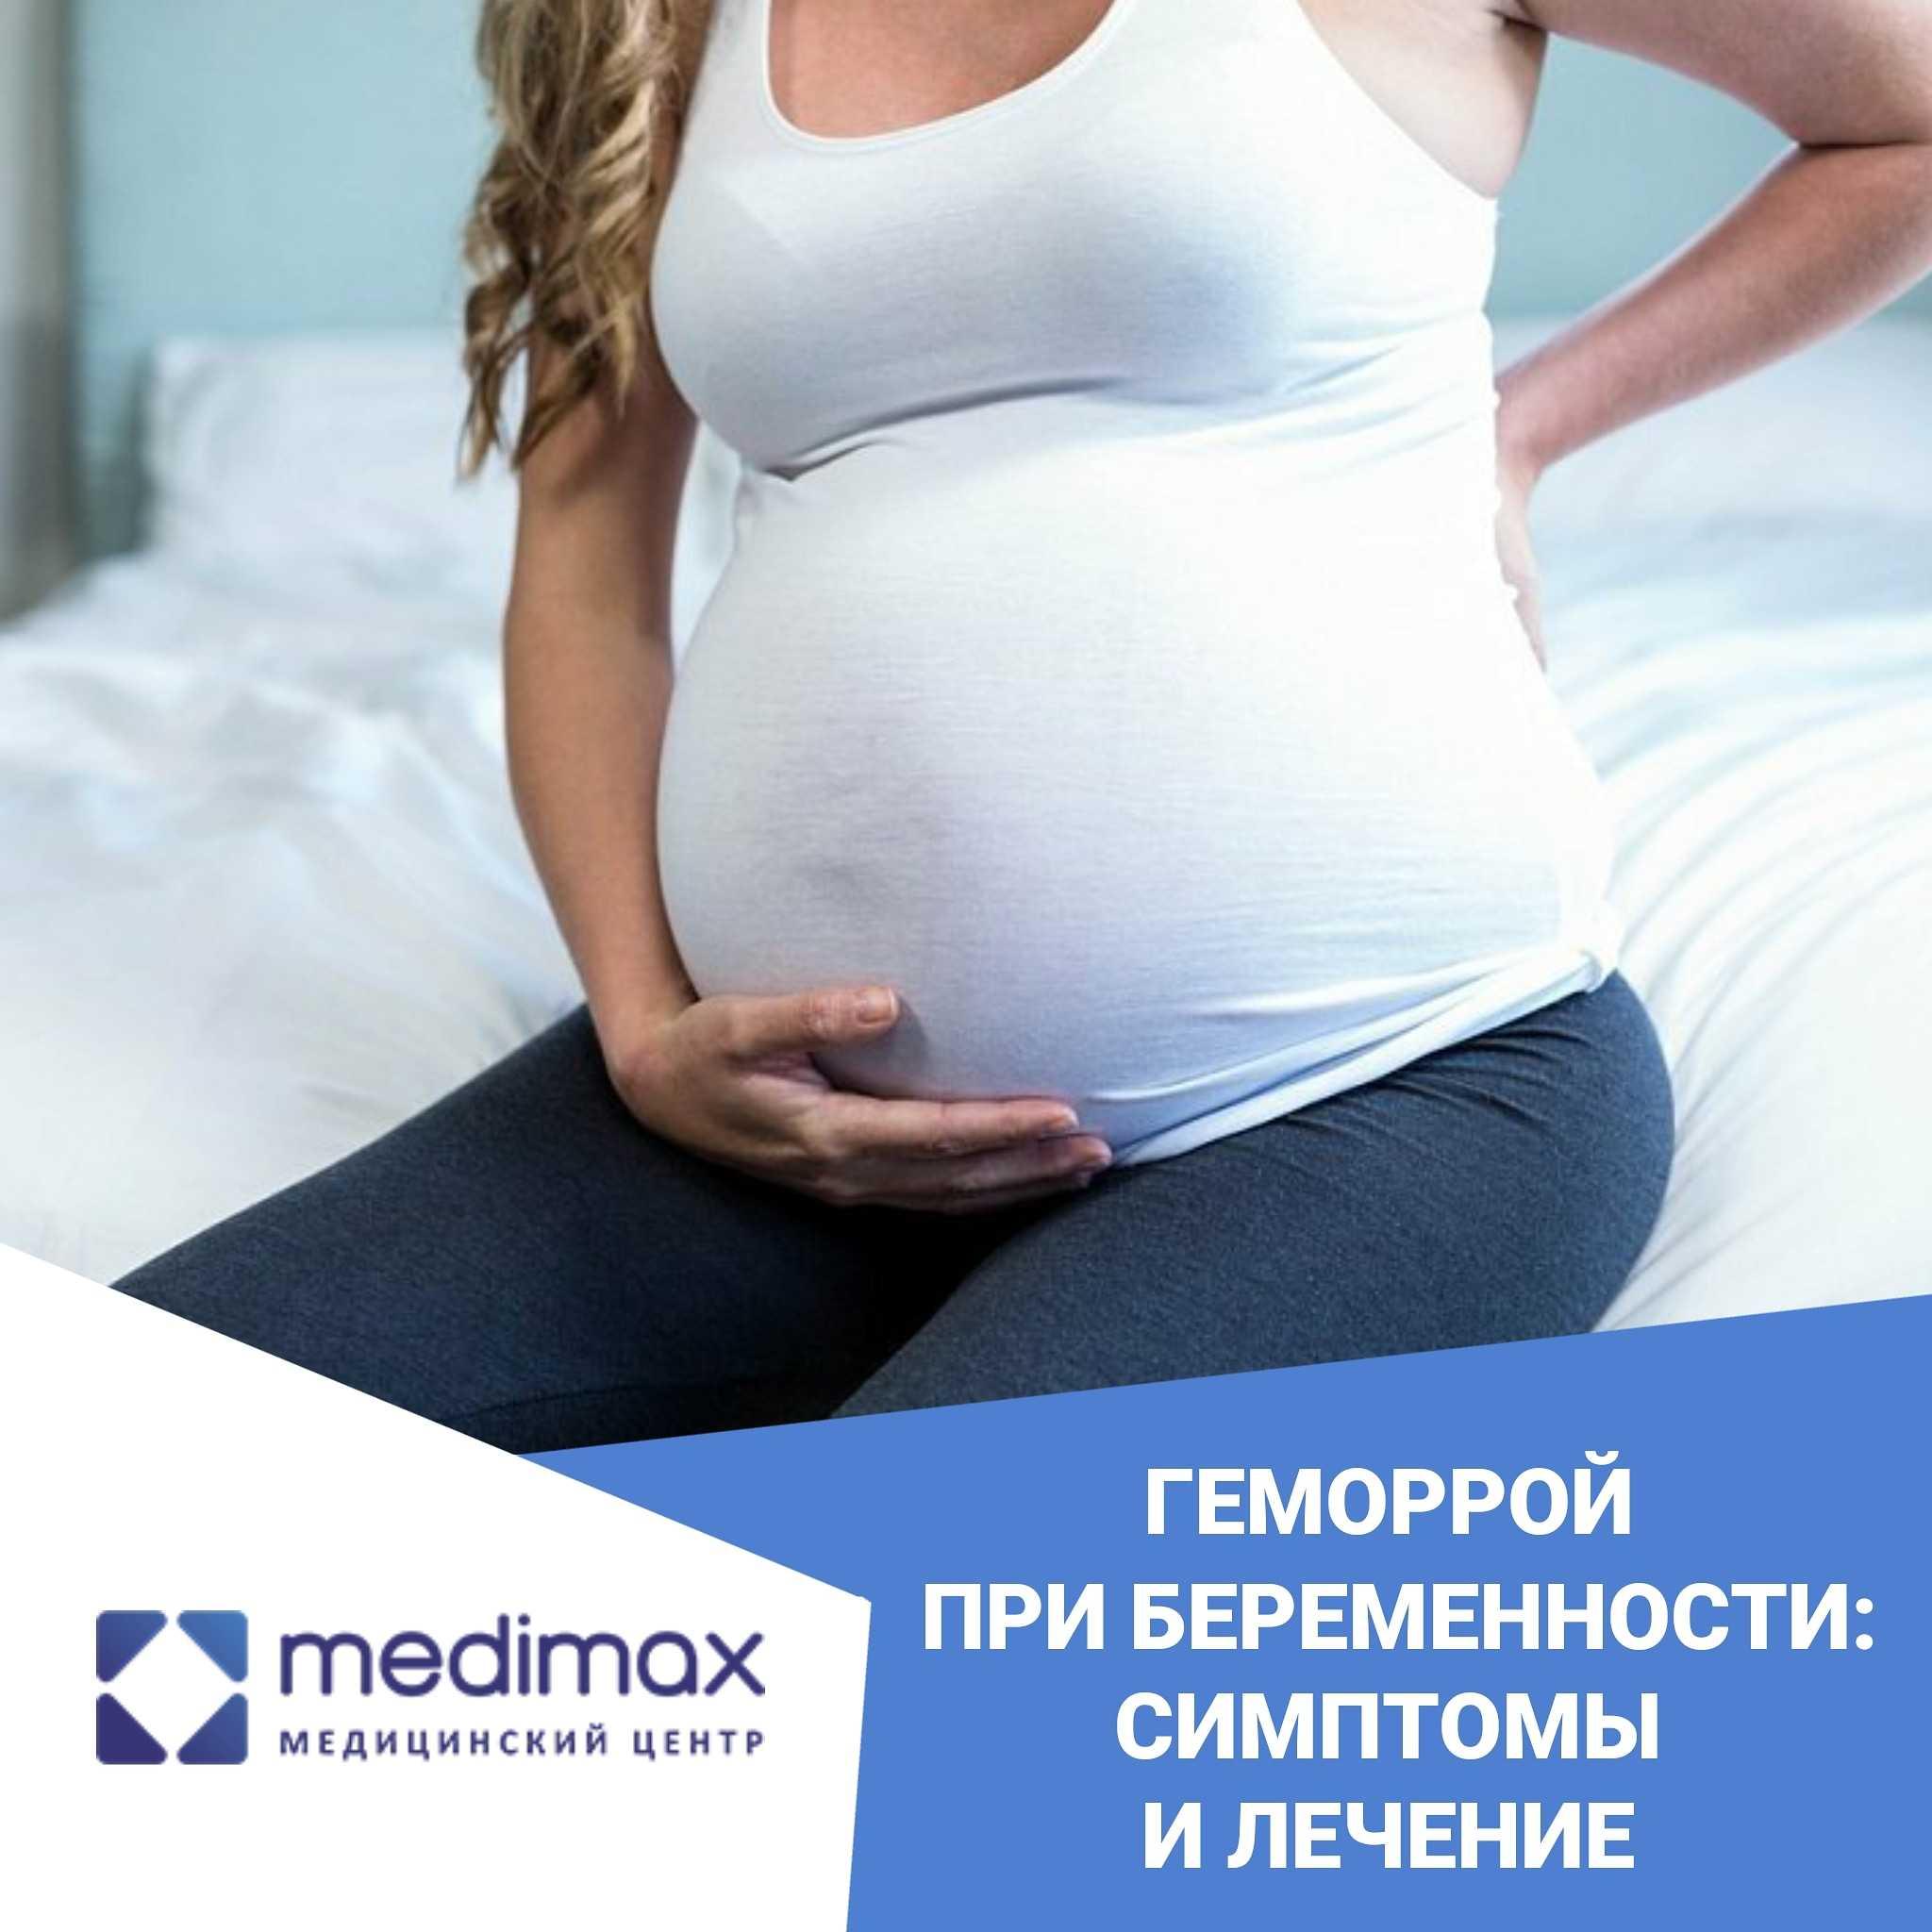 Чем лечить геморрой при беременности 3 триместр: свечи, мази, препараты и народные средства